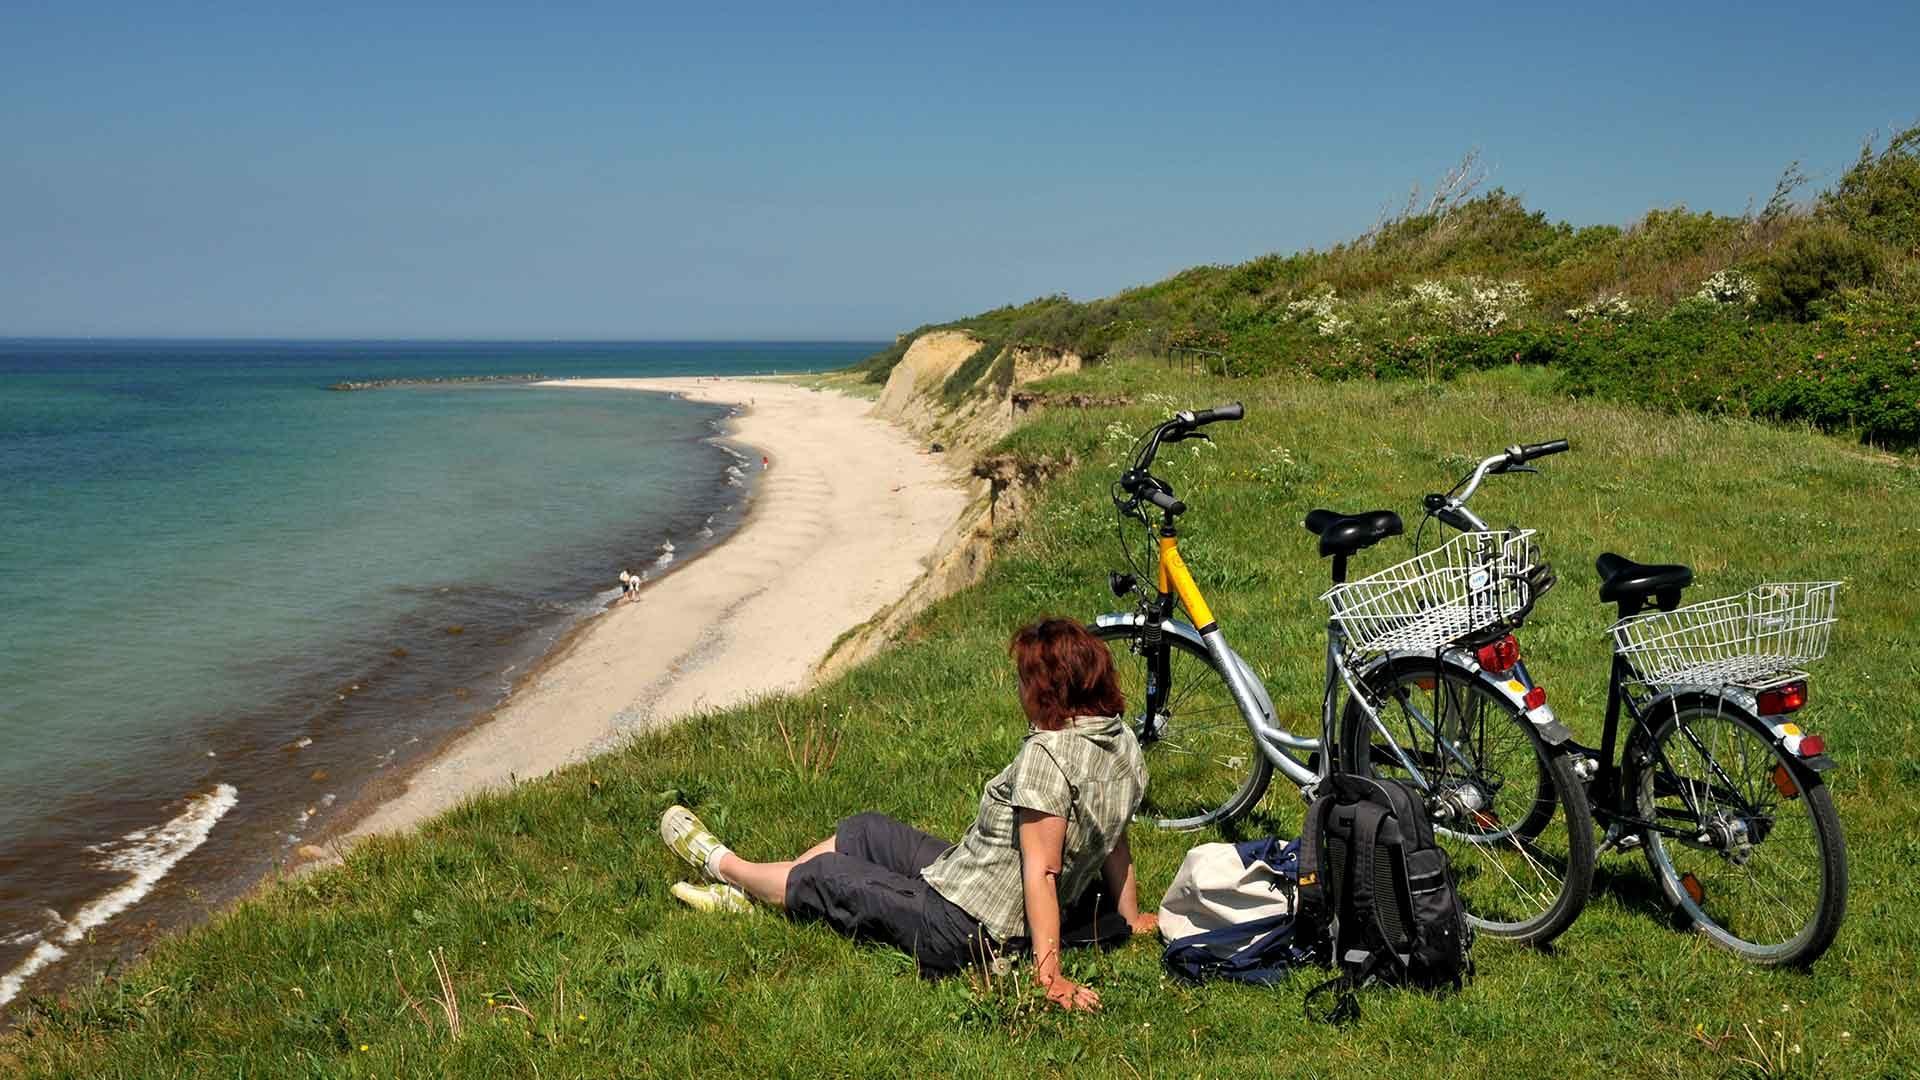 Pauzeren in de duinen met uitzicht over de Oostzee tijdens een fietsreis op de Ostseeküstenradweg.